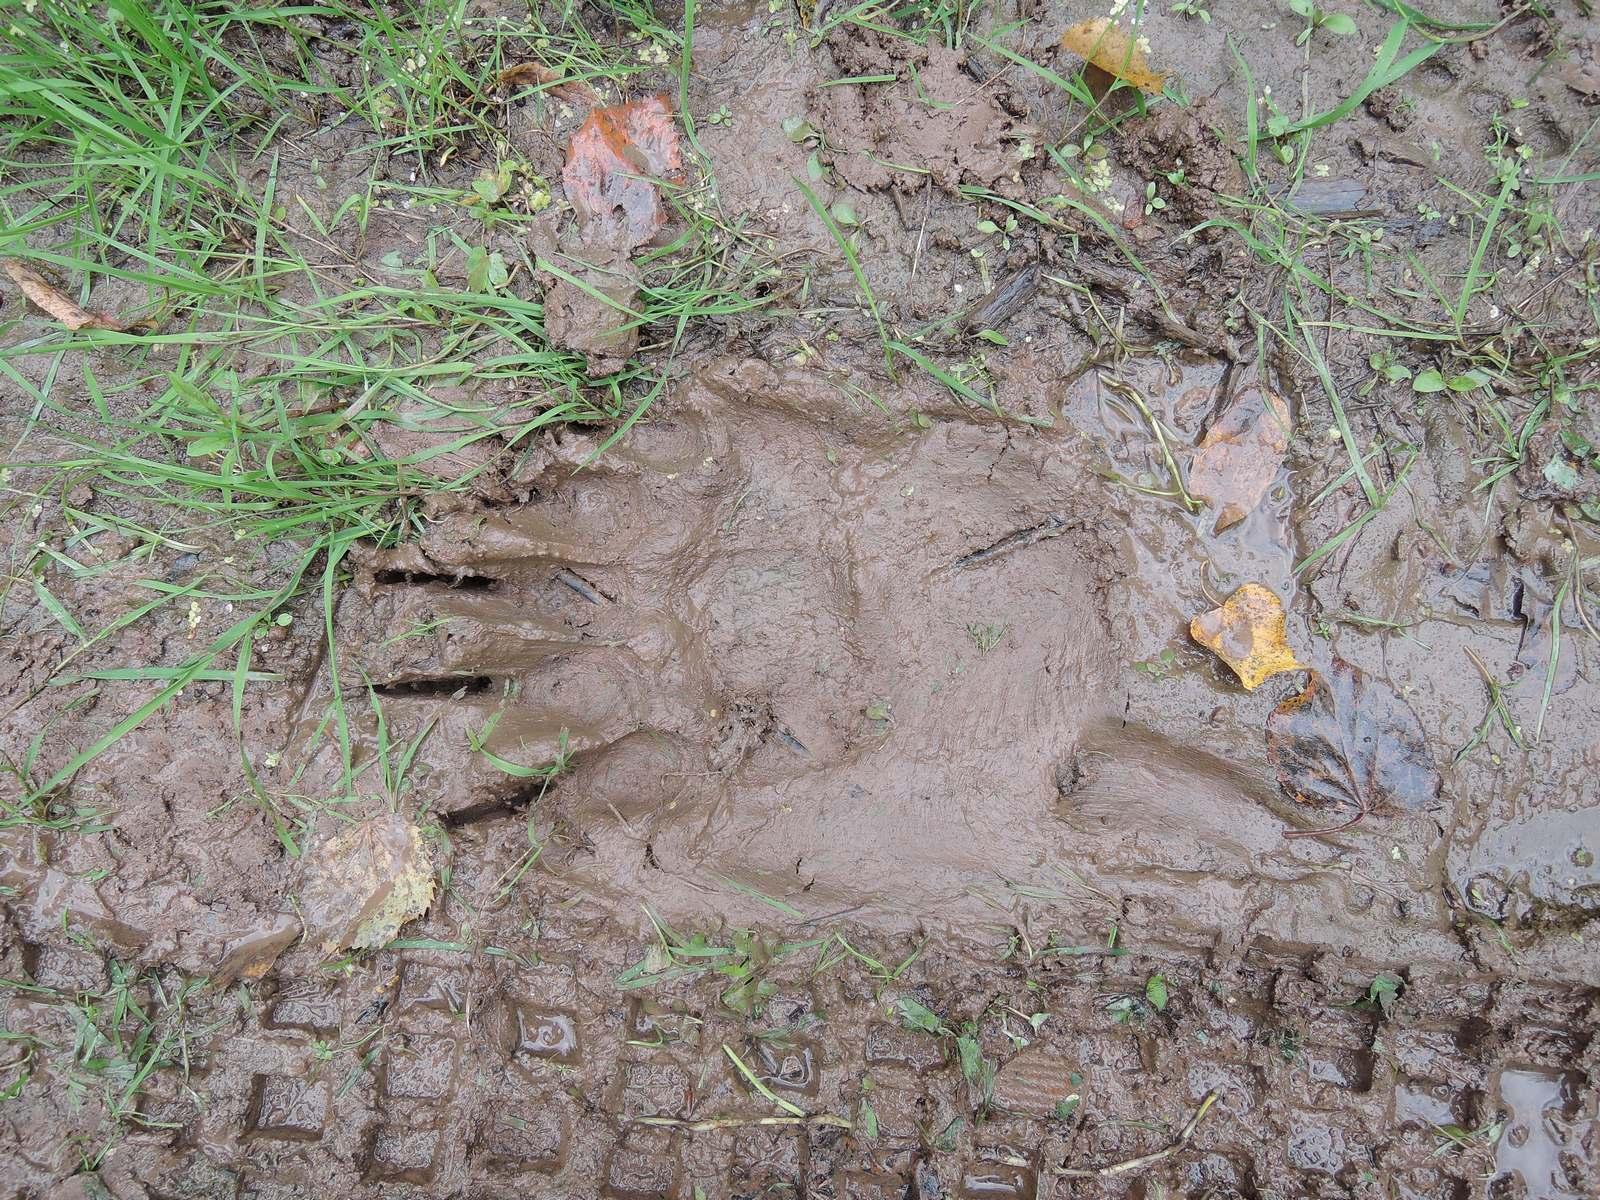 фото Медведь задрал геодезиста на Сахалине 2